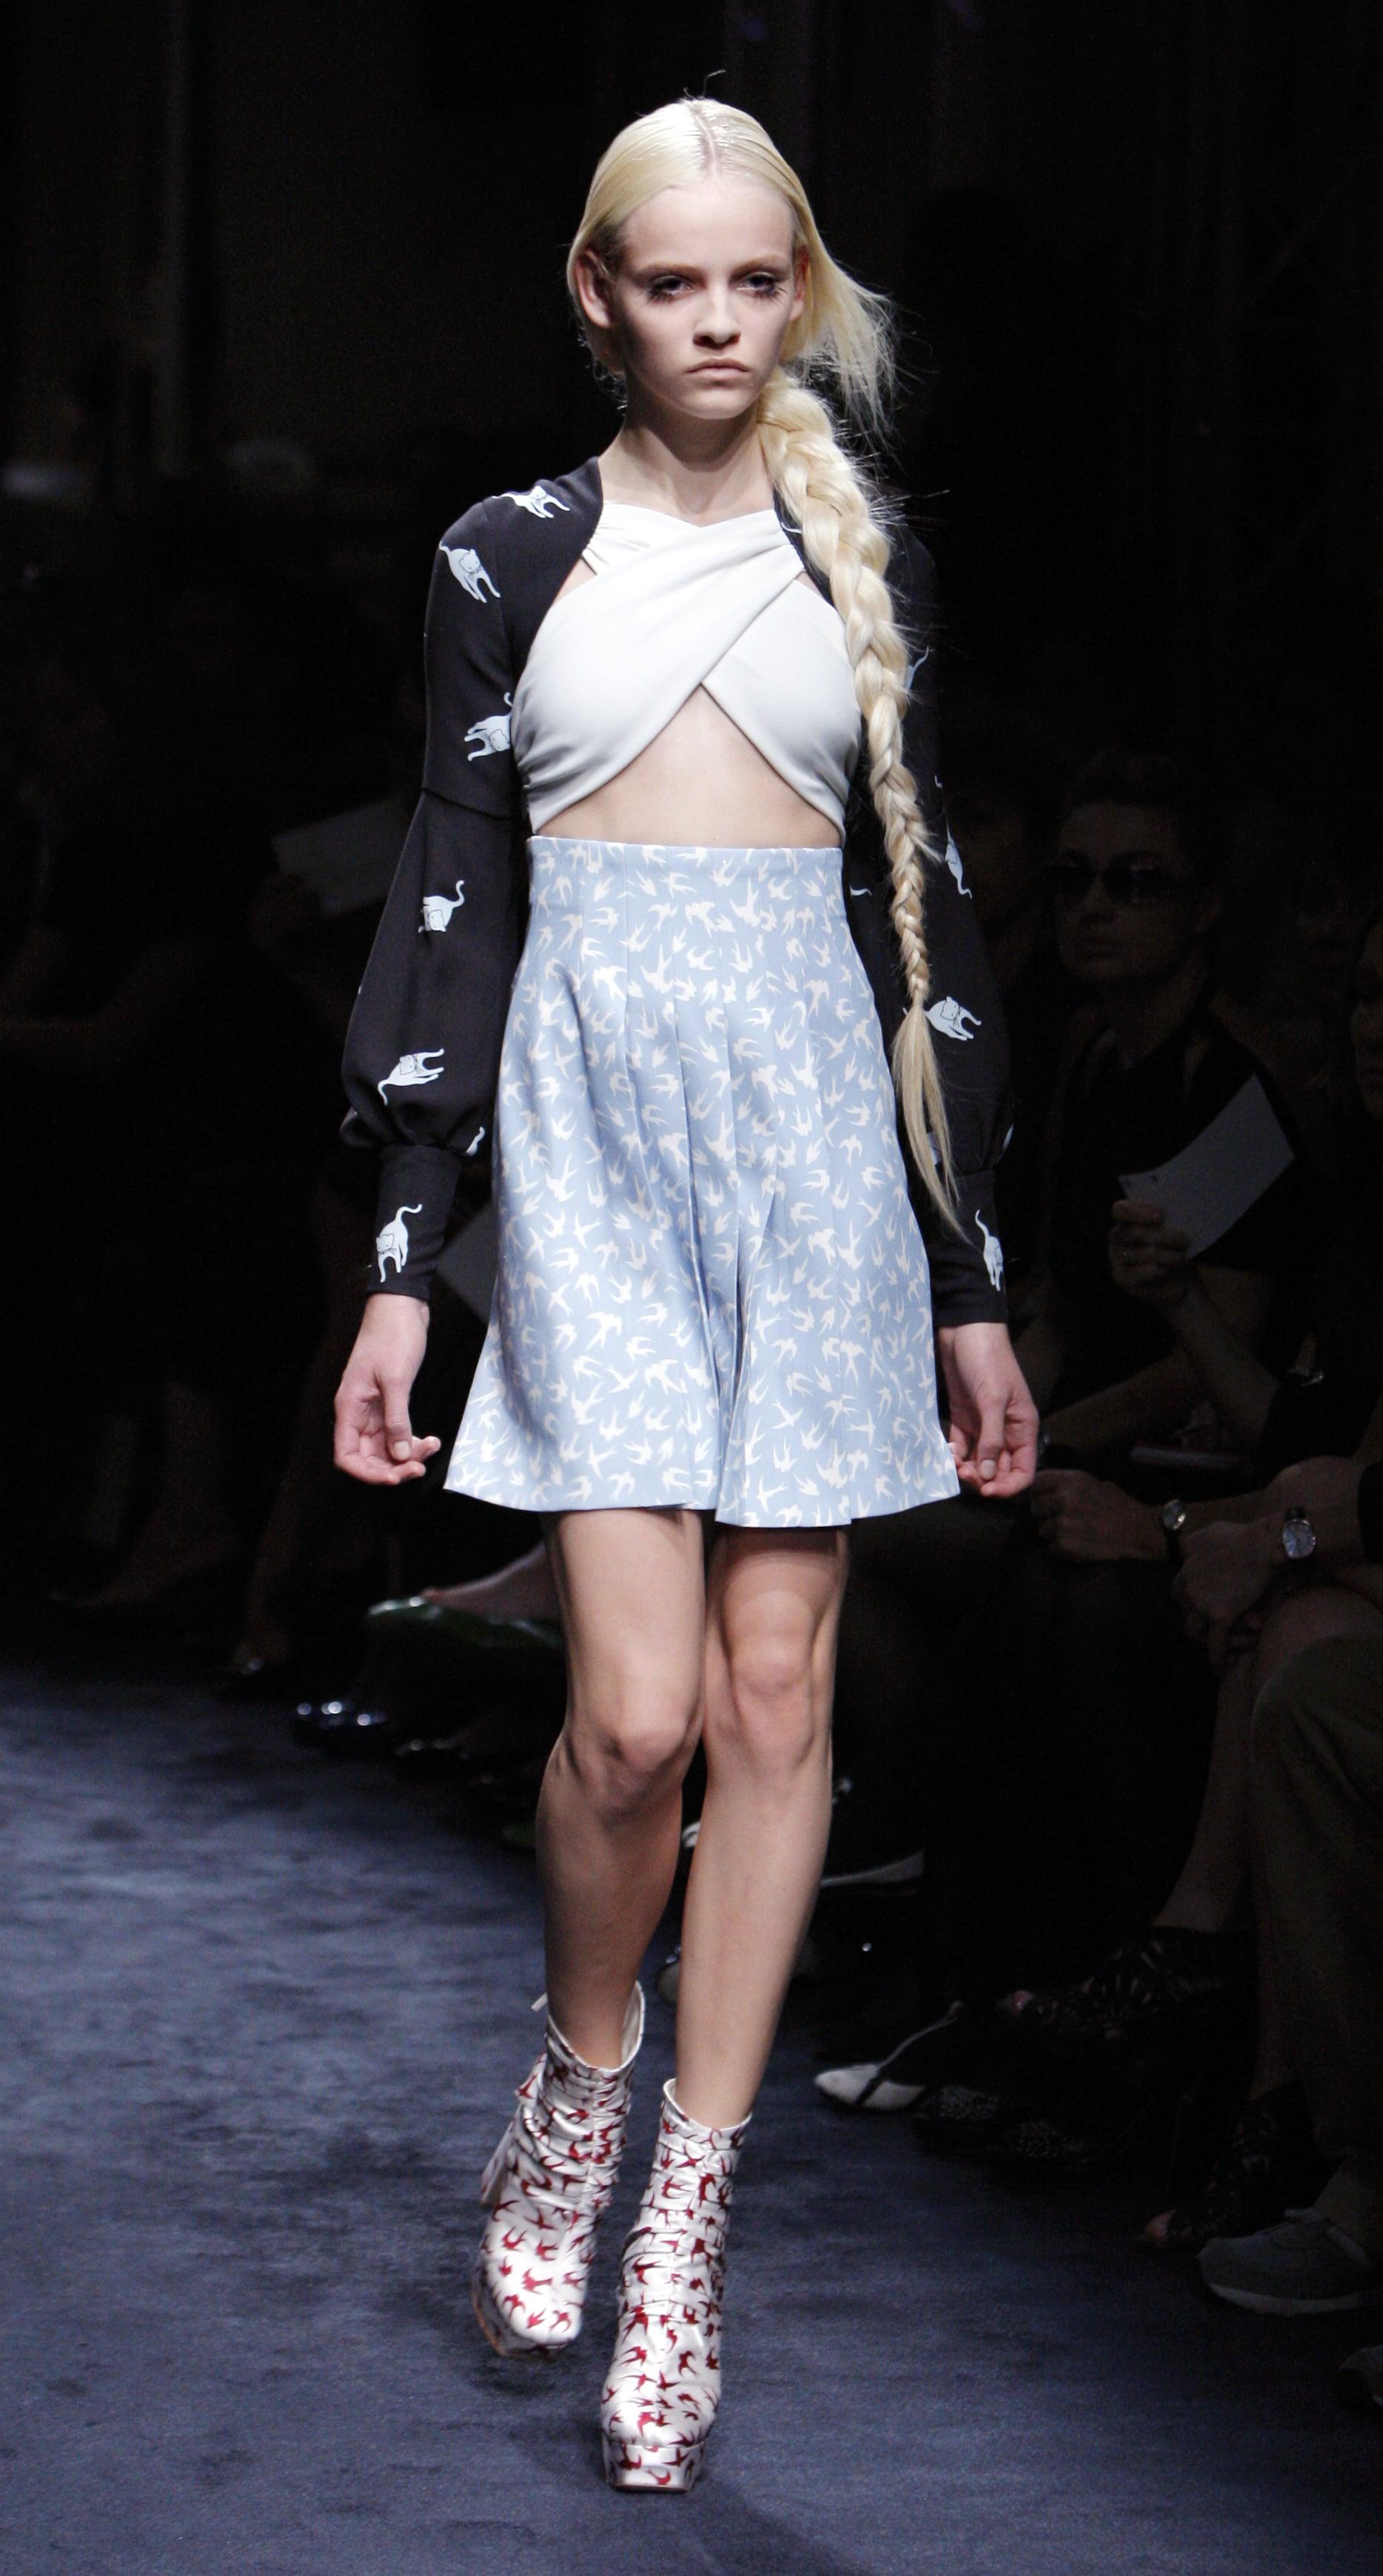 Fashion, Shopping & Style